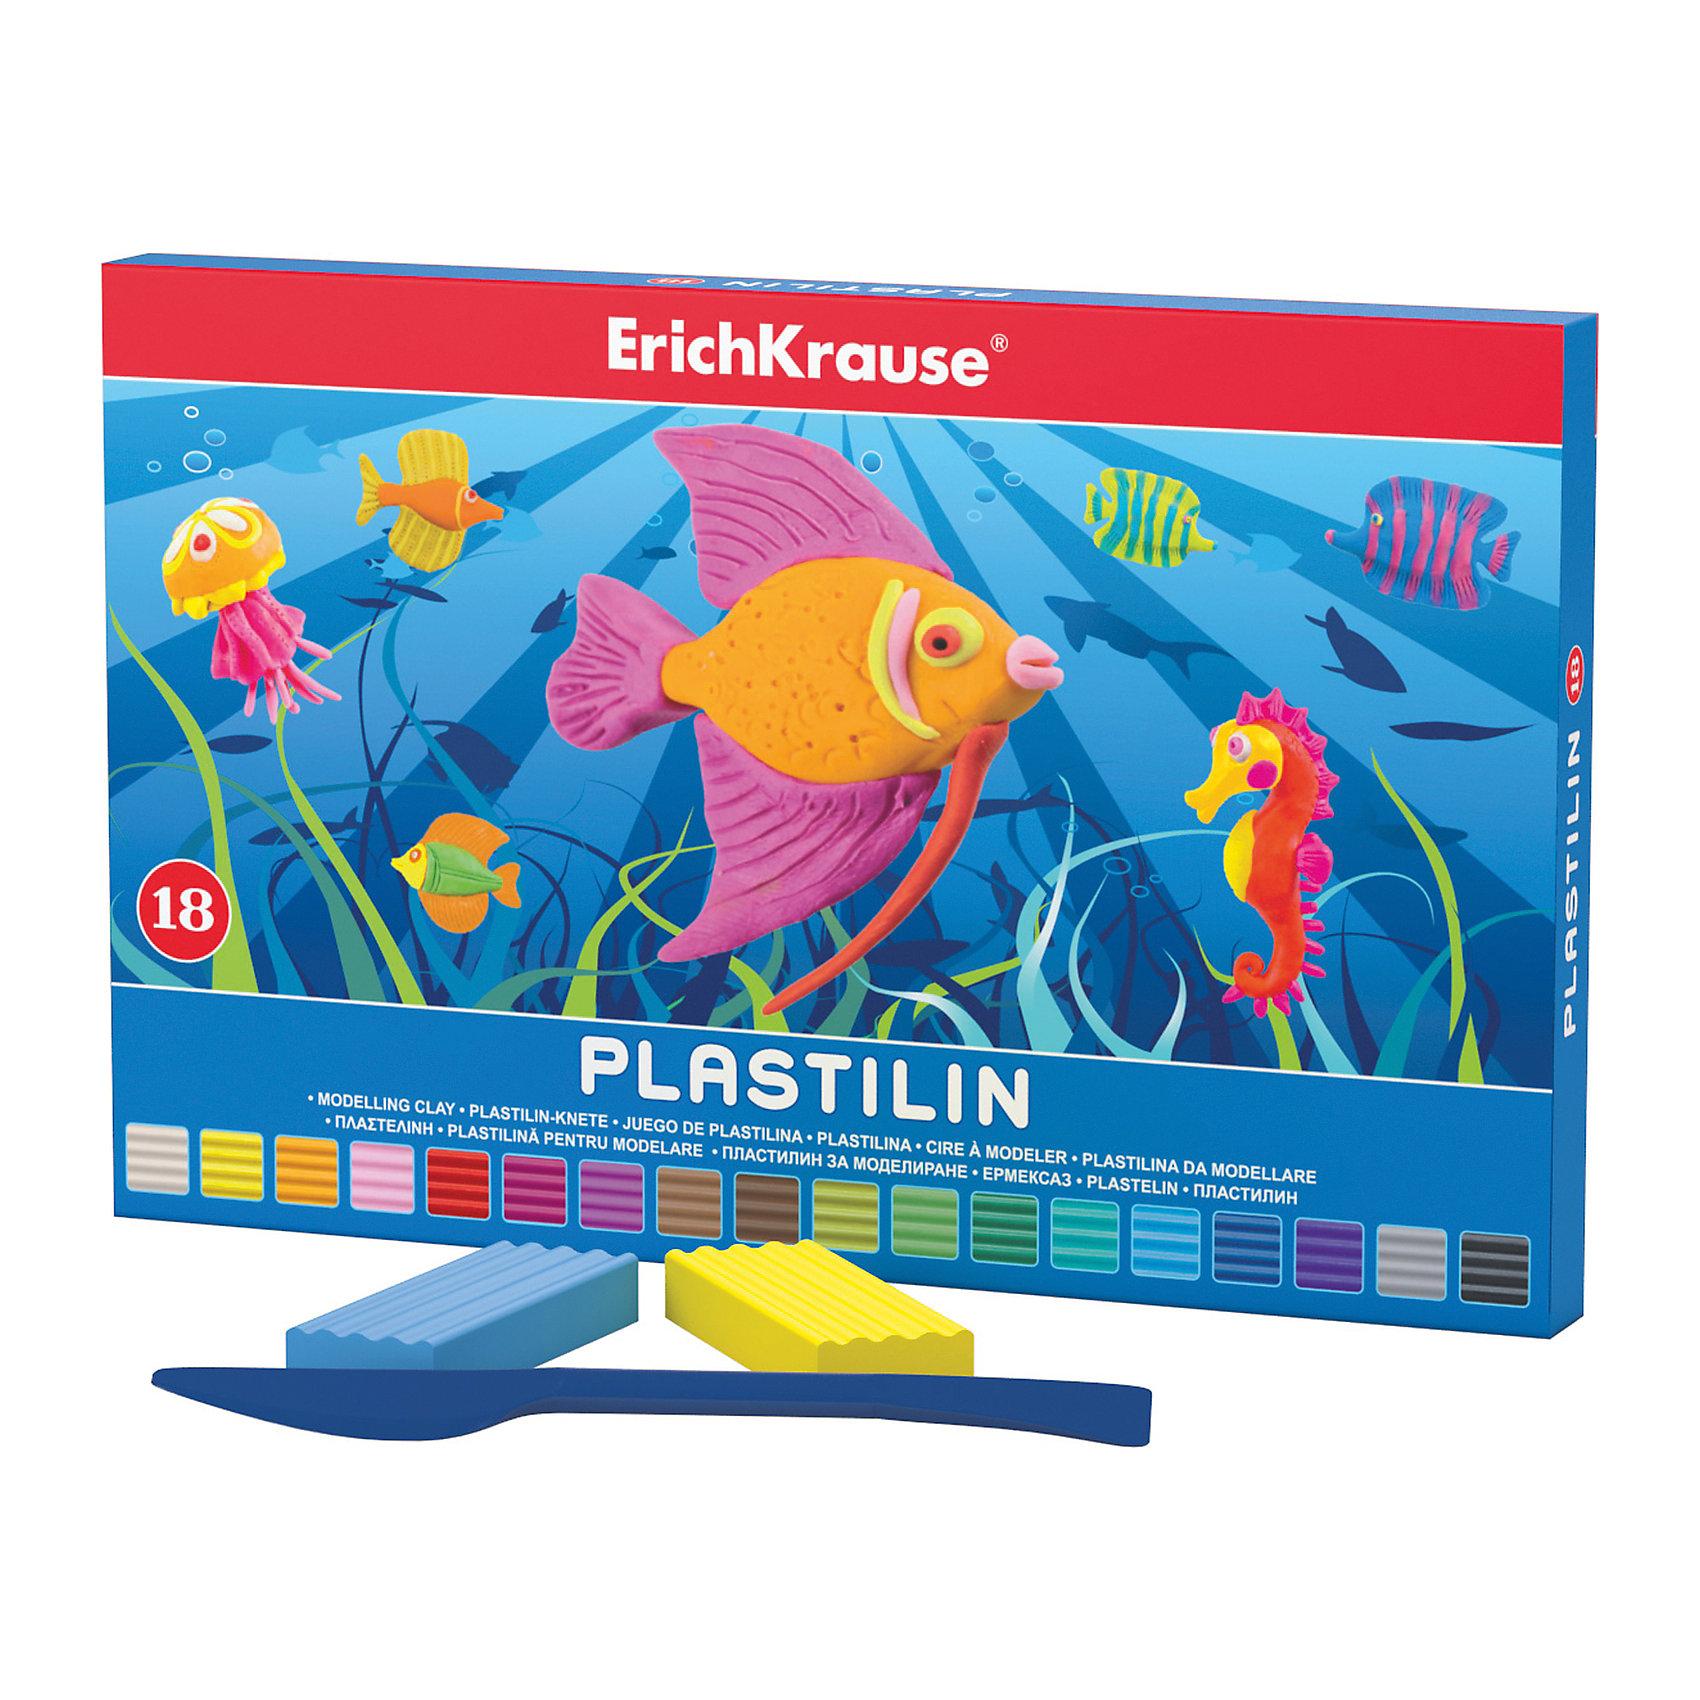 Пластилин 18 цветов, 324г, со стекомЛепка<br>Пластилин 18 цветов, 324г, со стеком<br><br>Характеристики:<br><br>• В набор входит: 18 брусочков пластилина, лопаточка-стек<br>• Размер упаковки: 22,5 * 1,6 * 14 см.<br>• Вес: 383 г.<br>• Для детей в возрасте: от 3-х лет<br>• Страна производитель: Китай<br><br>Восемнадцать ярких цветных брусочков пластилина изготовлены из безопасных для детей материалов и уже готовы к лепке. В набор входит лопаточка для пластилина, с ней вы сможете разрезать пластилин, делать его плоским или рифленым. Насыщенные цвета пластилина почти не оставляют следов на руках и могут перемешиваться между собой. Поделки из разных цветов отлично прикрепляются друг к другу. Работая с пластилином вы можете делать объемные фигурки, а также можете наносить пластилин на бумагу, картон или даже стекло, чтобы выполнять новые картины или даже фрески. <br><br>В набор входят целых восемнадцать цветов, которые помогут создать настоящие шедевры. Занимаясь лепкой дети развивают моторику рук, творческие способности, восприятие цветов и их сочетаний, а также лепка благотворно влияет на развитие речи, координацию движений, память и логическое мышление. Лепка всей семьей поможет весело и пользой провести время!<br><br>Пластилин 18 цветов, 324г, со стеком можно купить в нашем интернет-магазине.<br><br>Ширина мм: 225<br>Глубина мм: 143<br>Высота мм: 16<br>Вес г: 383<br>Возраст от месяцев: 60<br>Возраст до месяцев: 216<br>Пол: Унисекс<br>Возраст: Детский<br>SKU: 5409294